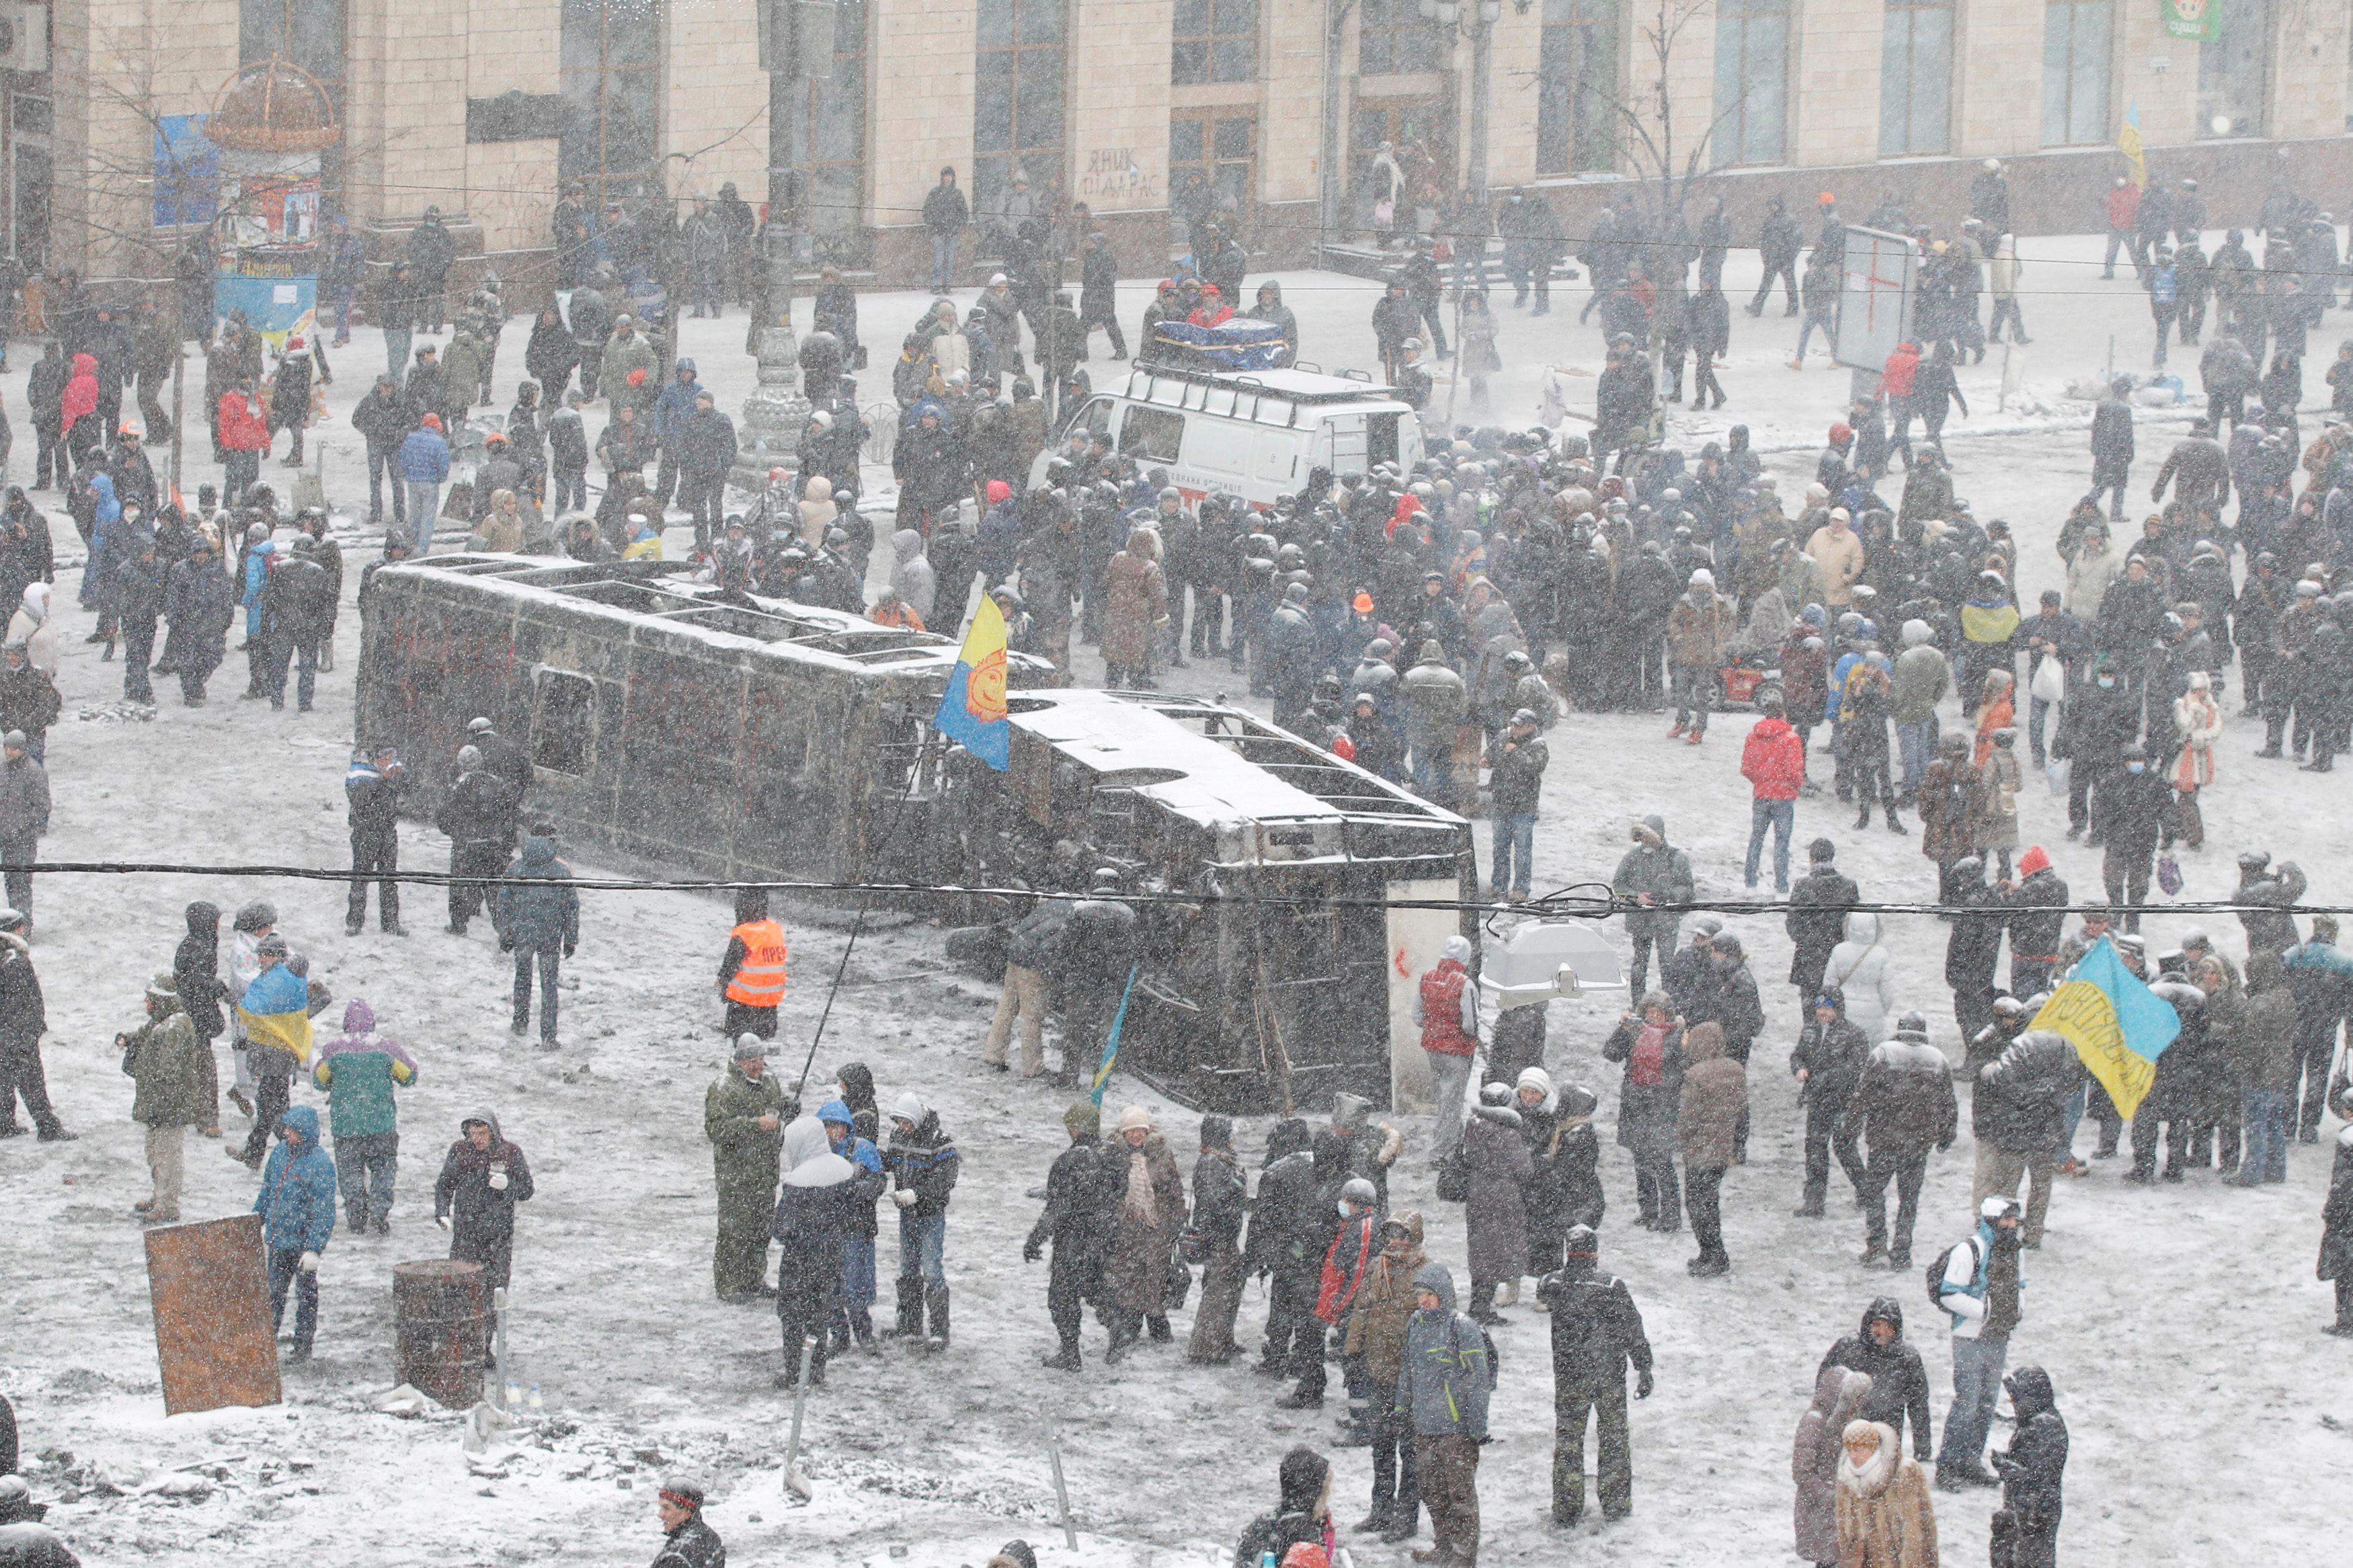 Ce que l'Europe peut faire pour répondre aux extrémistes pro-européens ukrainiens de plus en plus violents